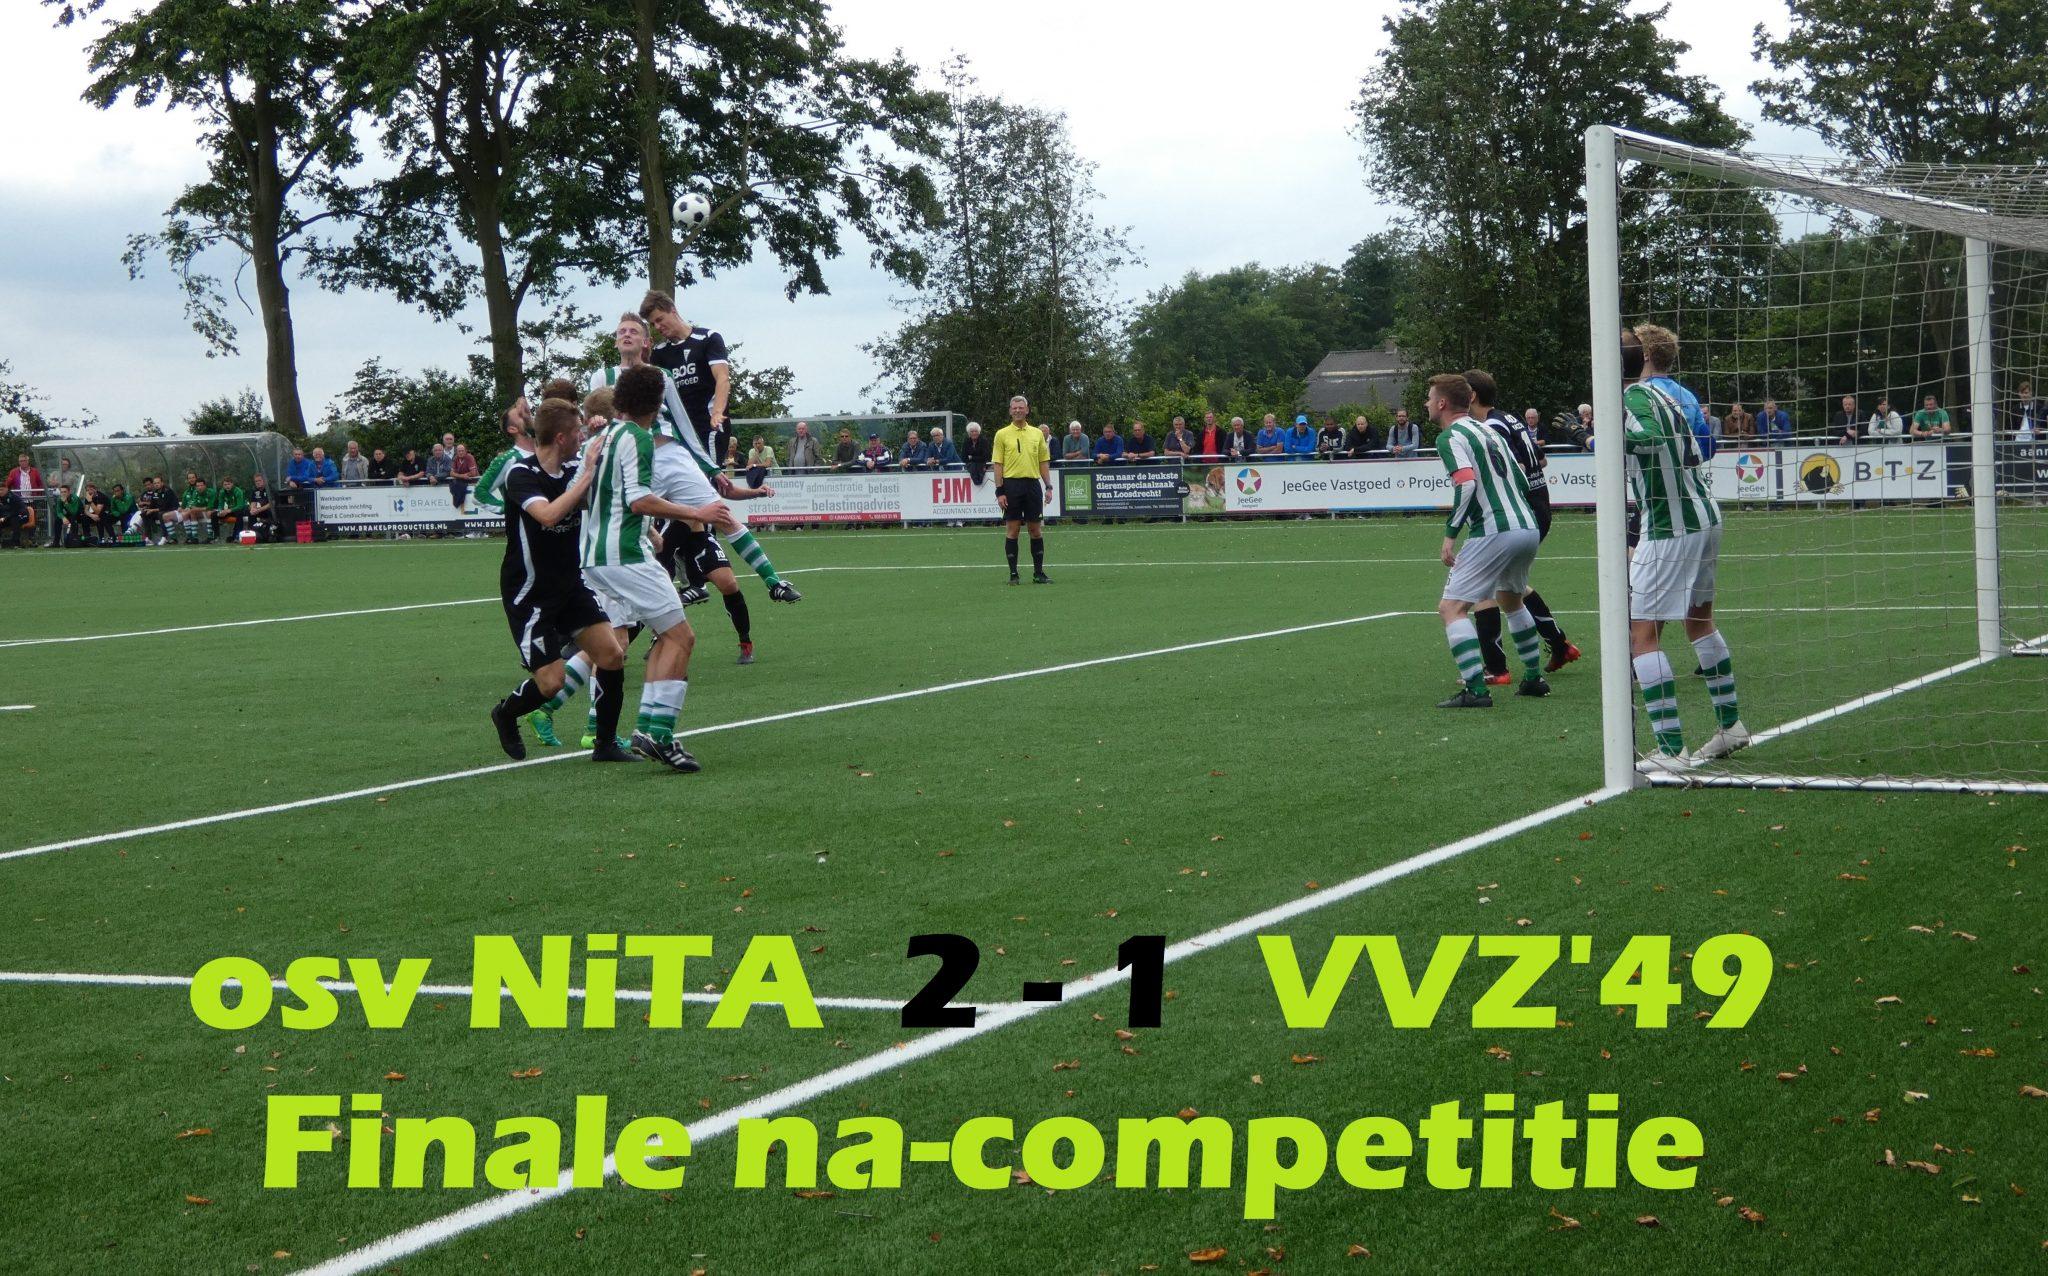 Deceptie voor VVZ'49 tijdens finalewedstrijd om promotie 2e klasse